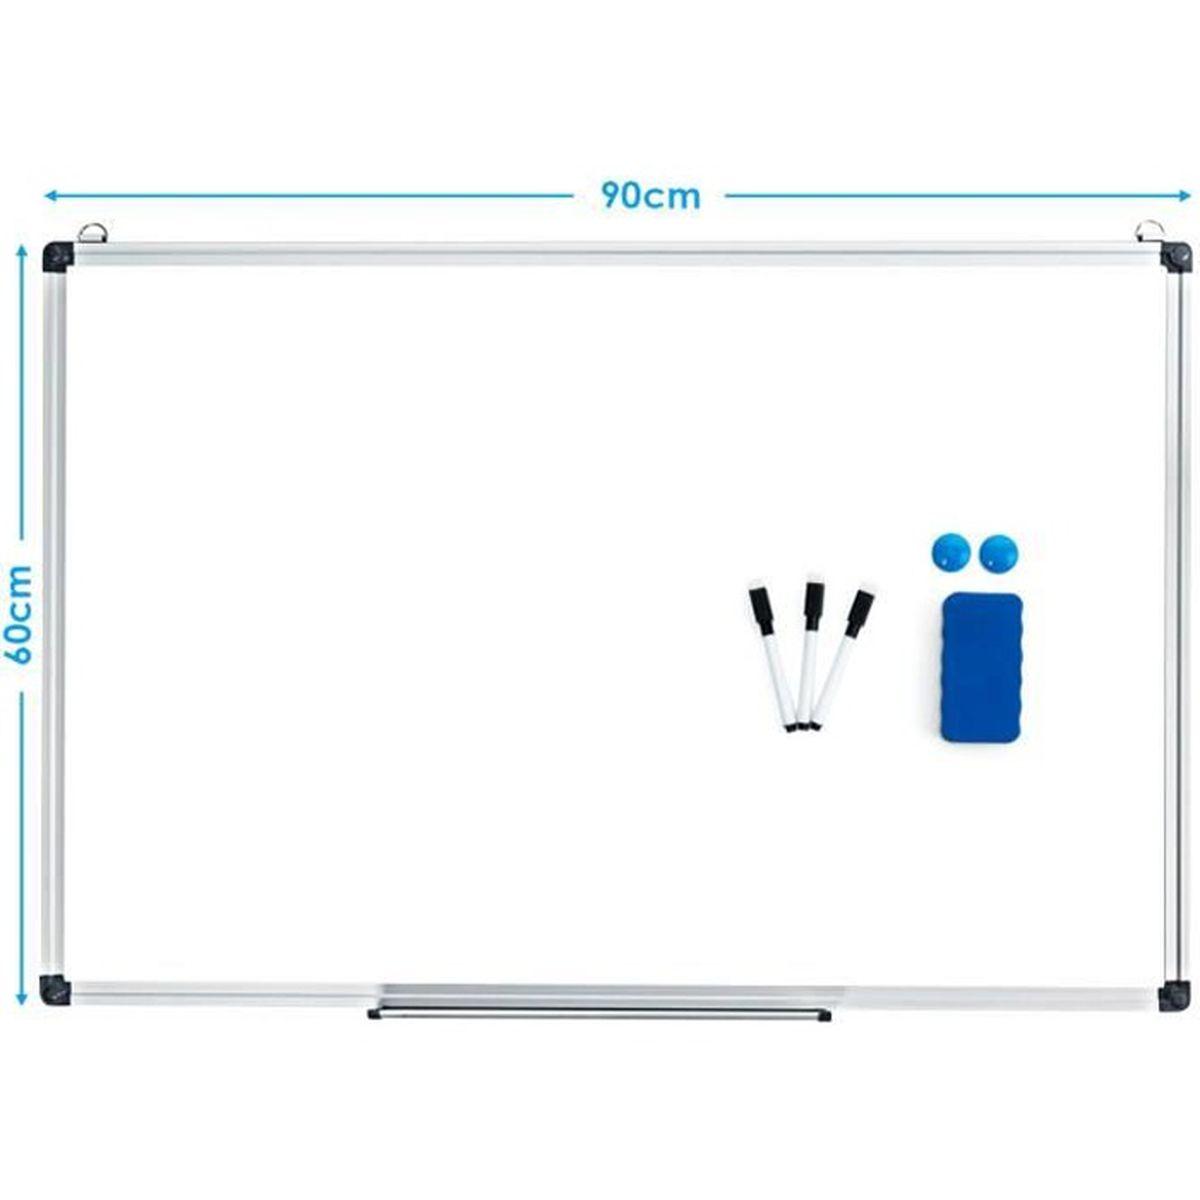 Lot de 4 supports magn/étiques pour marqueurs avec 4 gommes magn/étiques r/églables pour tableau blanc